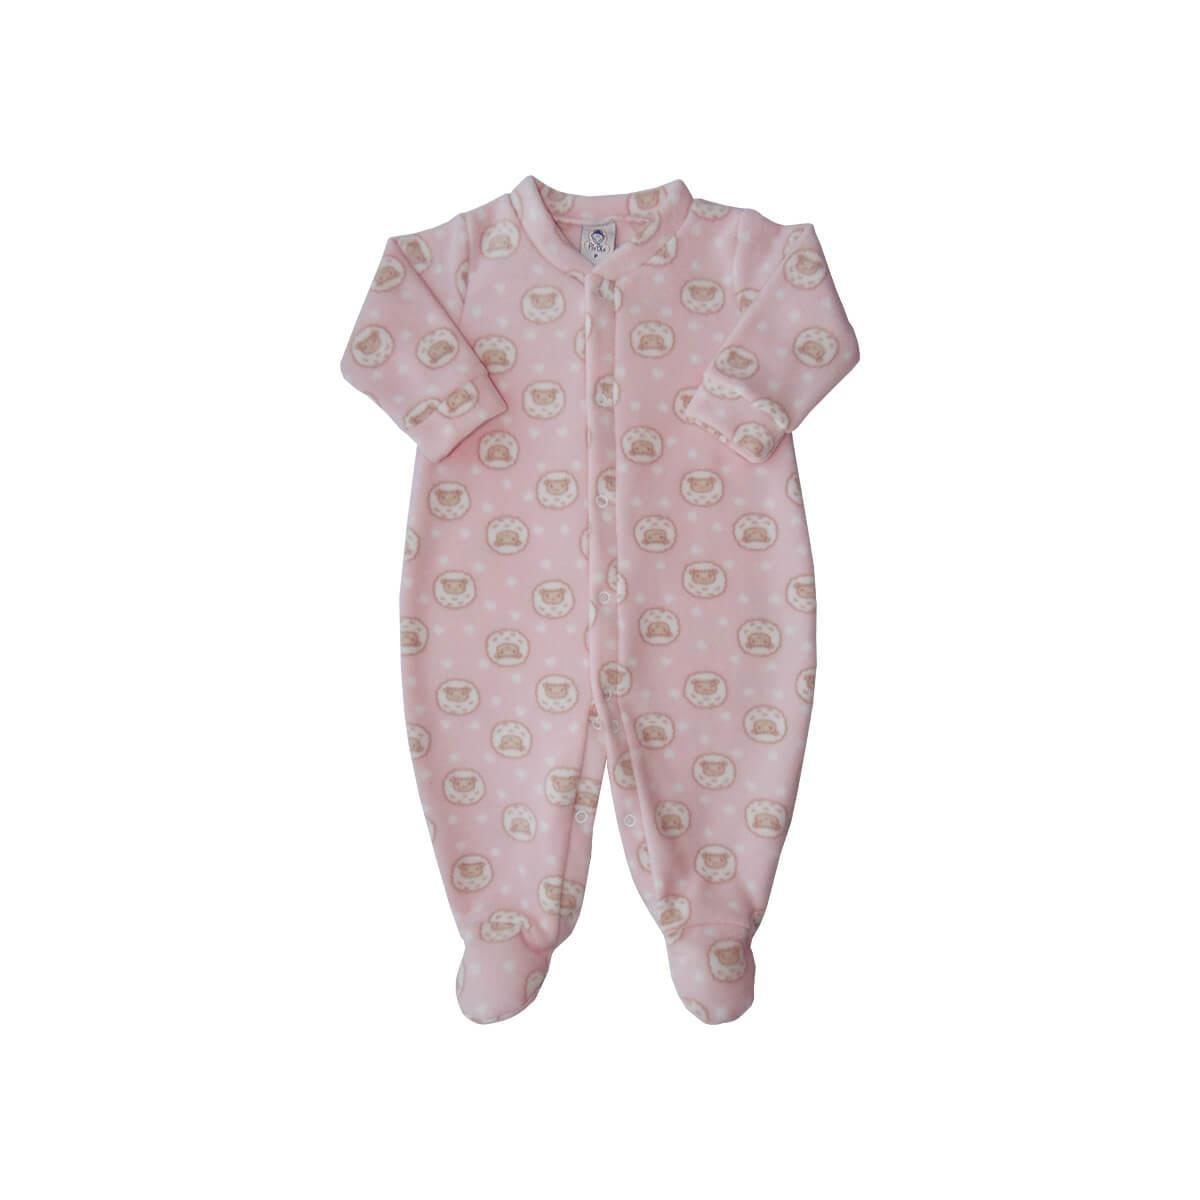 Macacão Soft Ovelhinha Rosa Soft  - Piu Blu